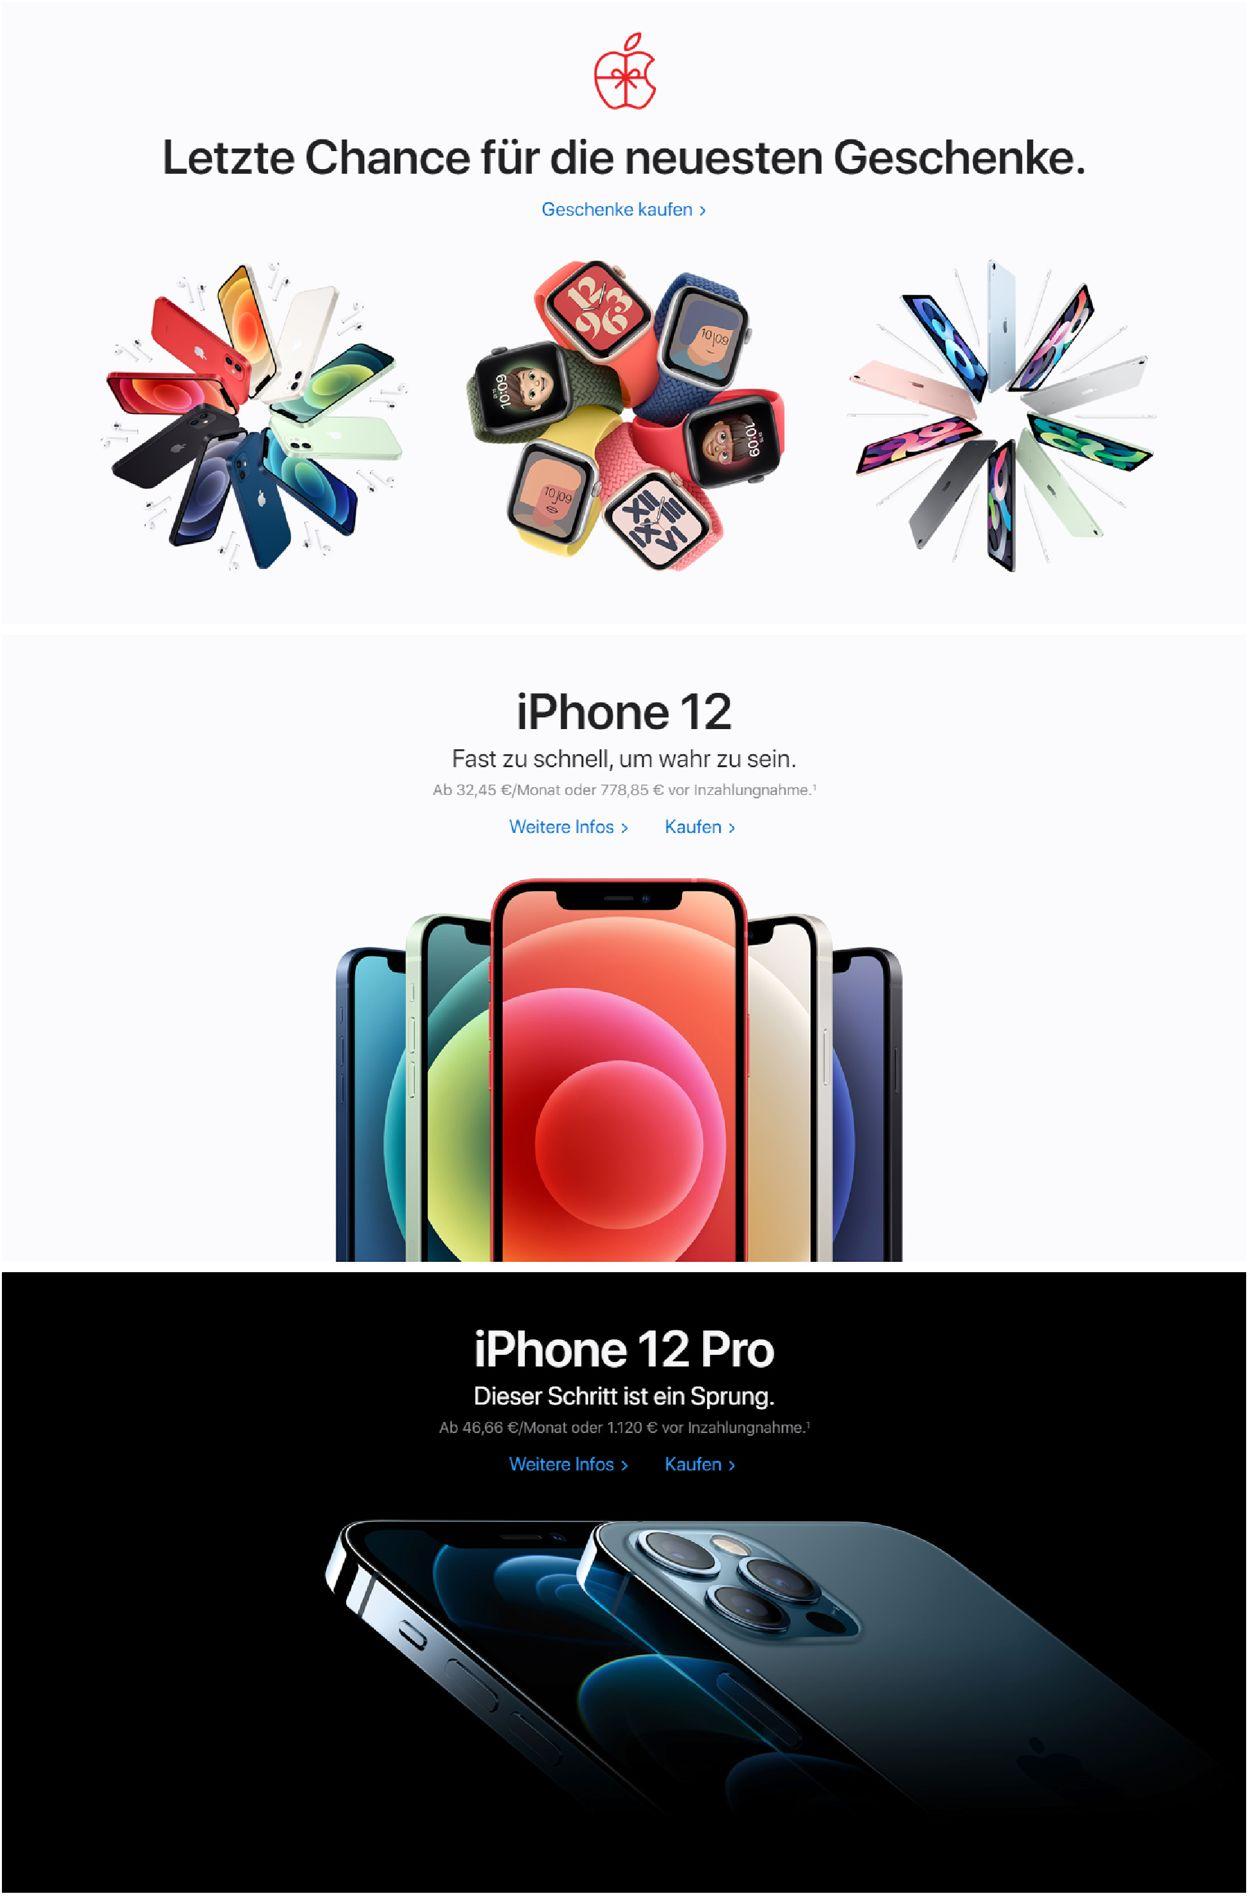 Apple Weihnachtsprospekt 2020 Prospekt - Aktuell vom 24.12-30.12.2020